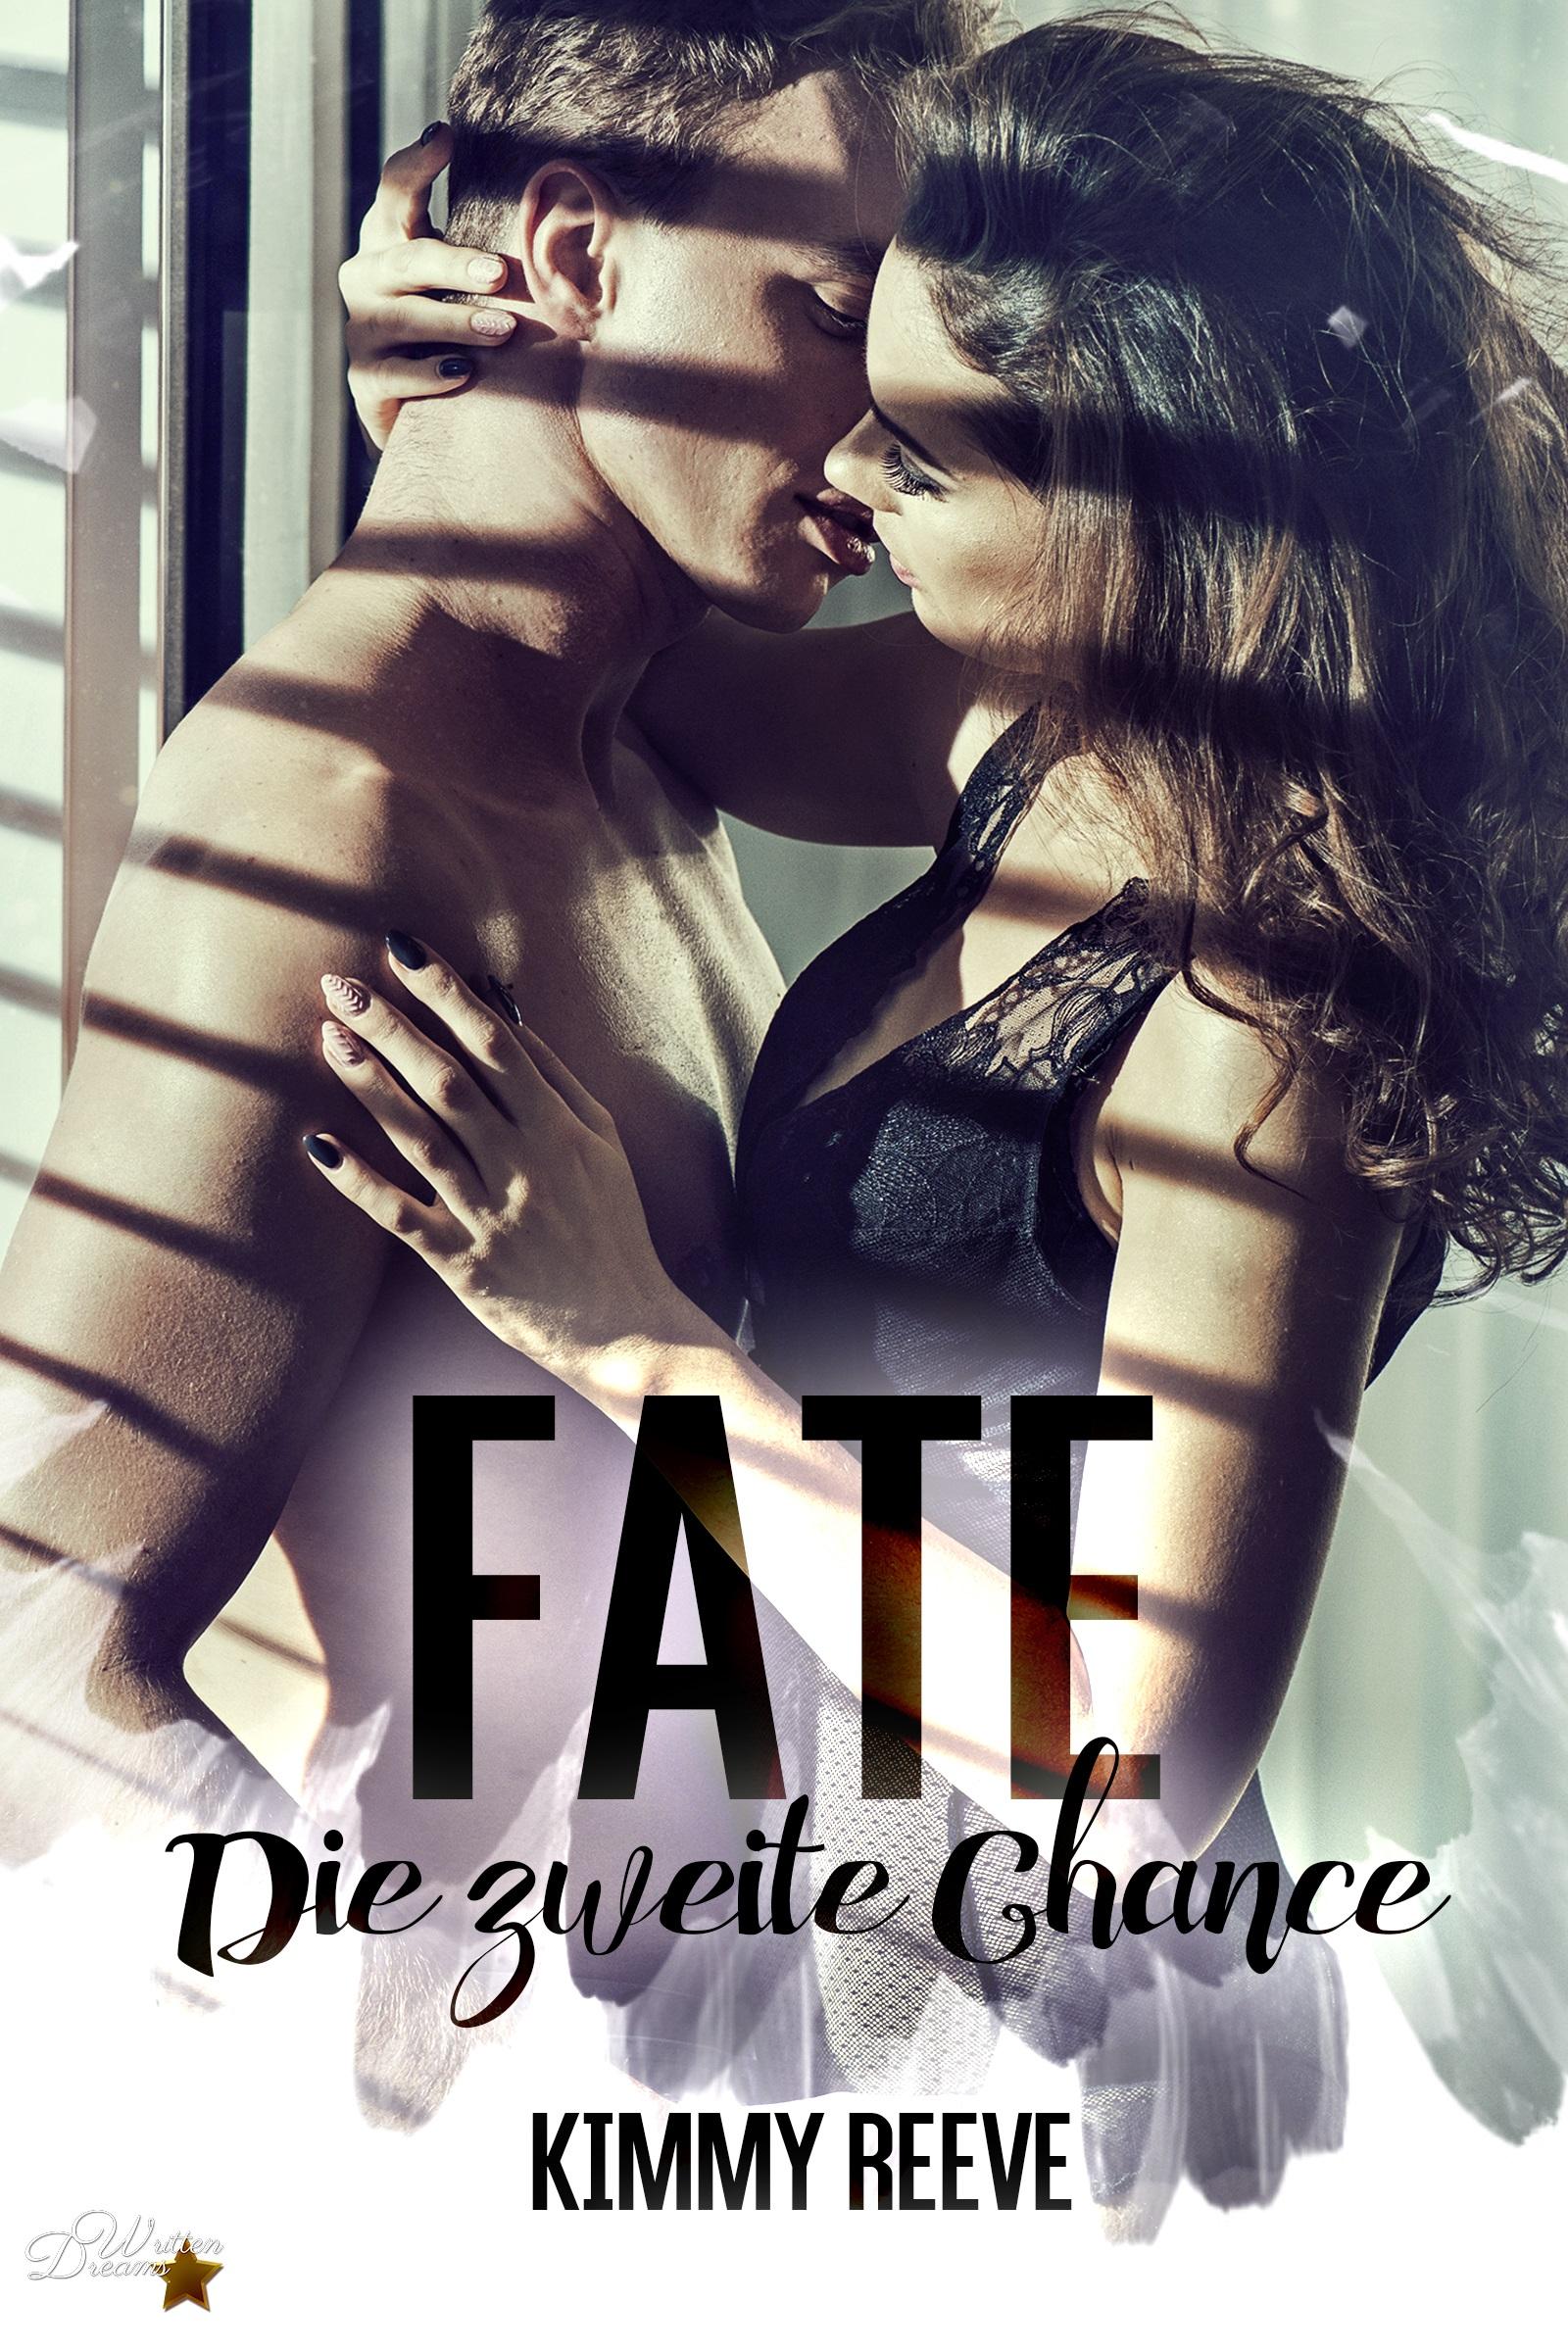 Fate - Eine zweite Chance